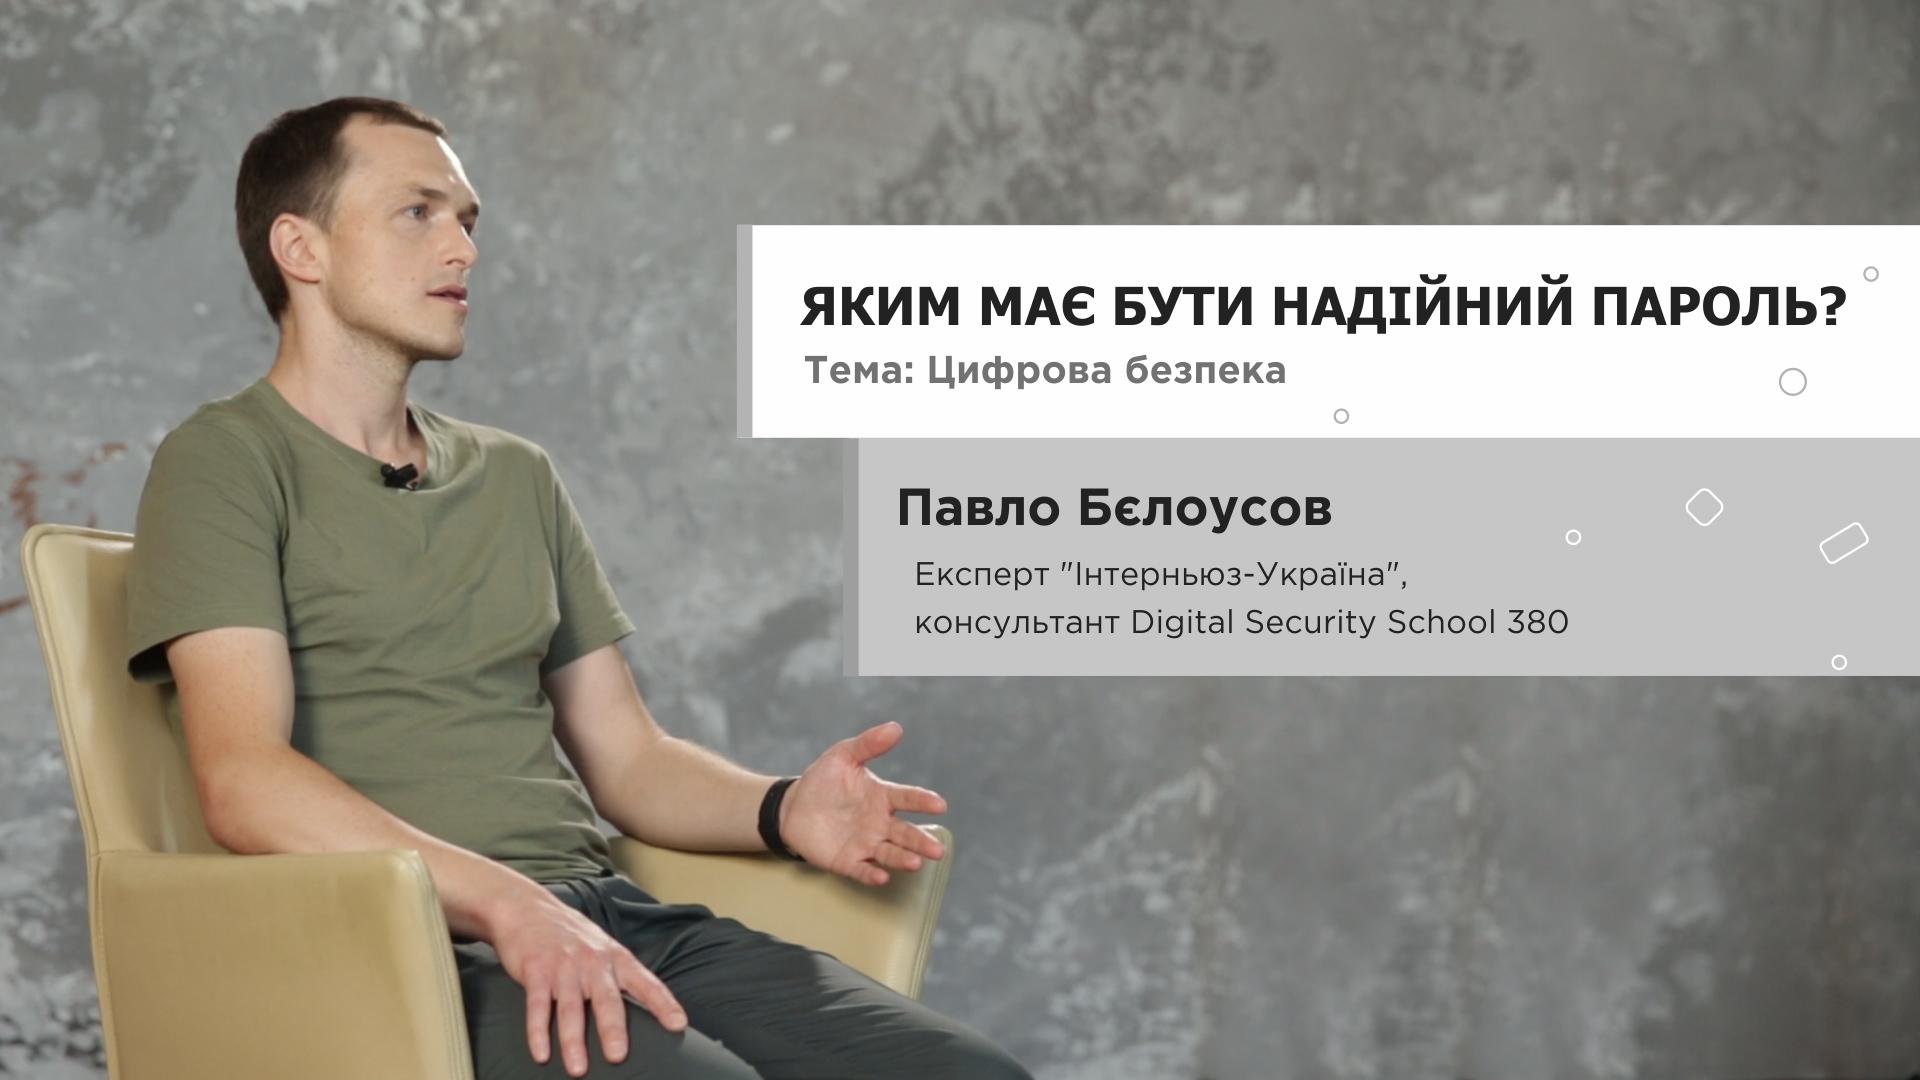 Цифрова безпека: Яким має бути надійний пароль